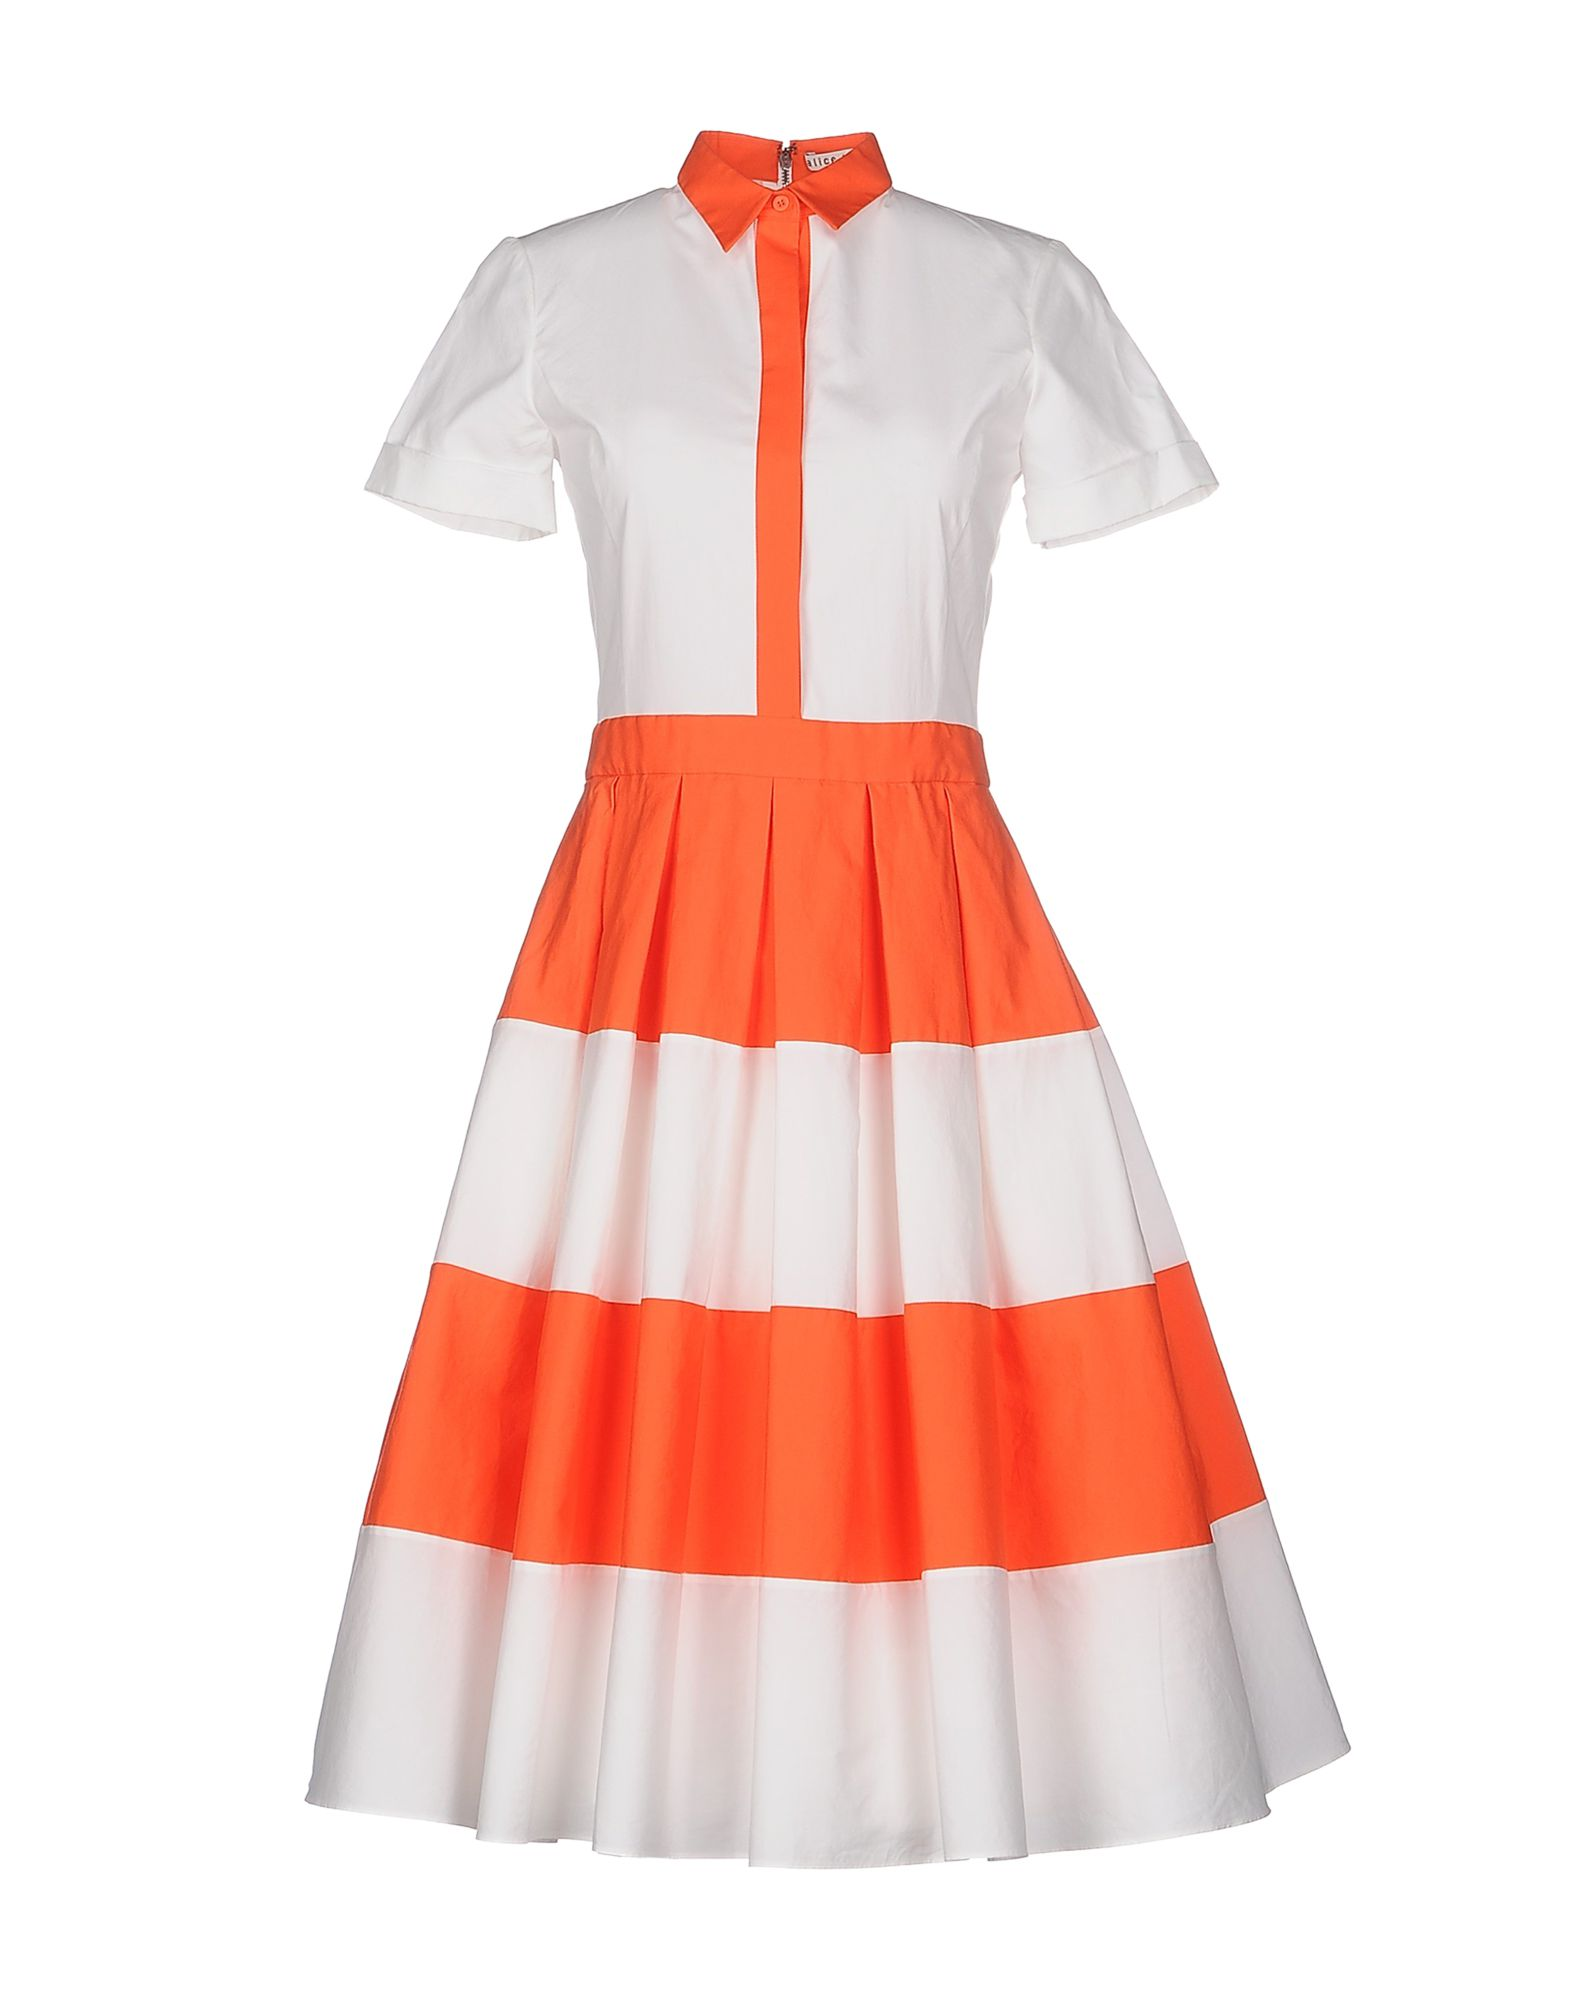 ALICE + OLIVIA Платье до колена женское платье alice olivia q01541915 alice olivia